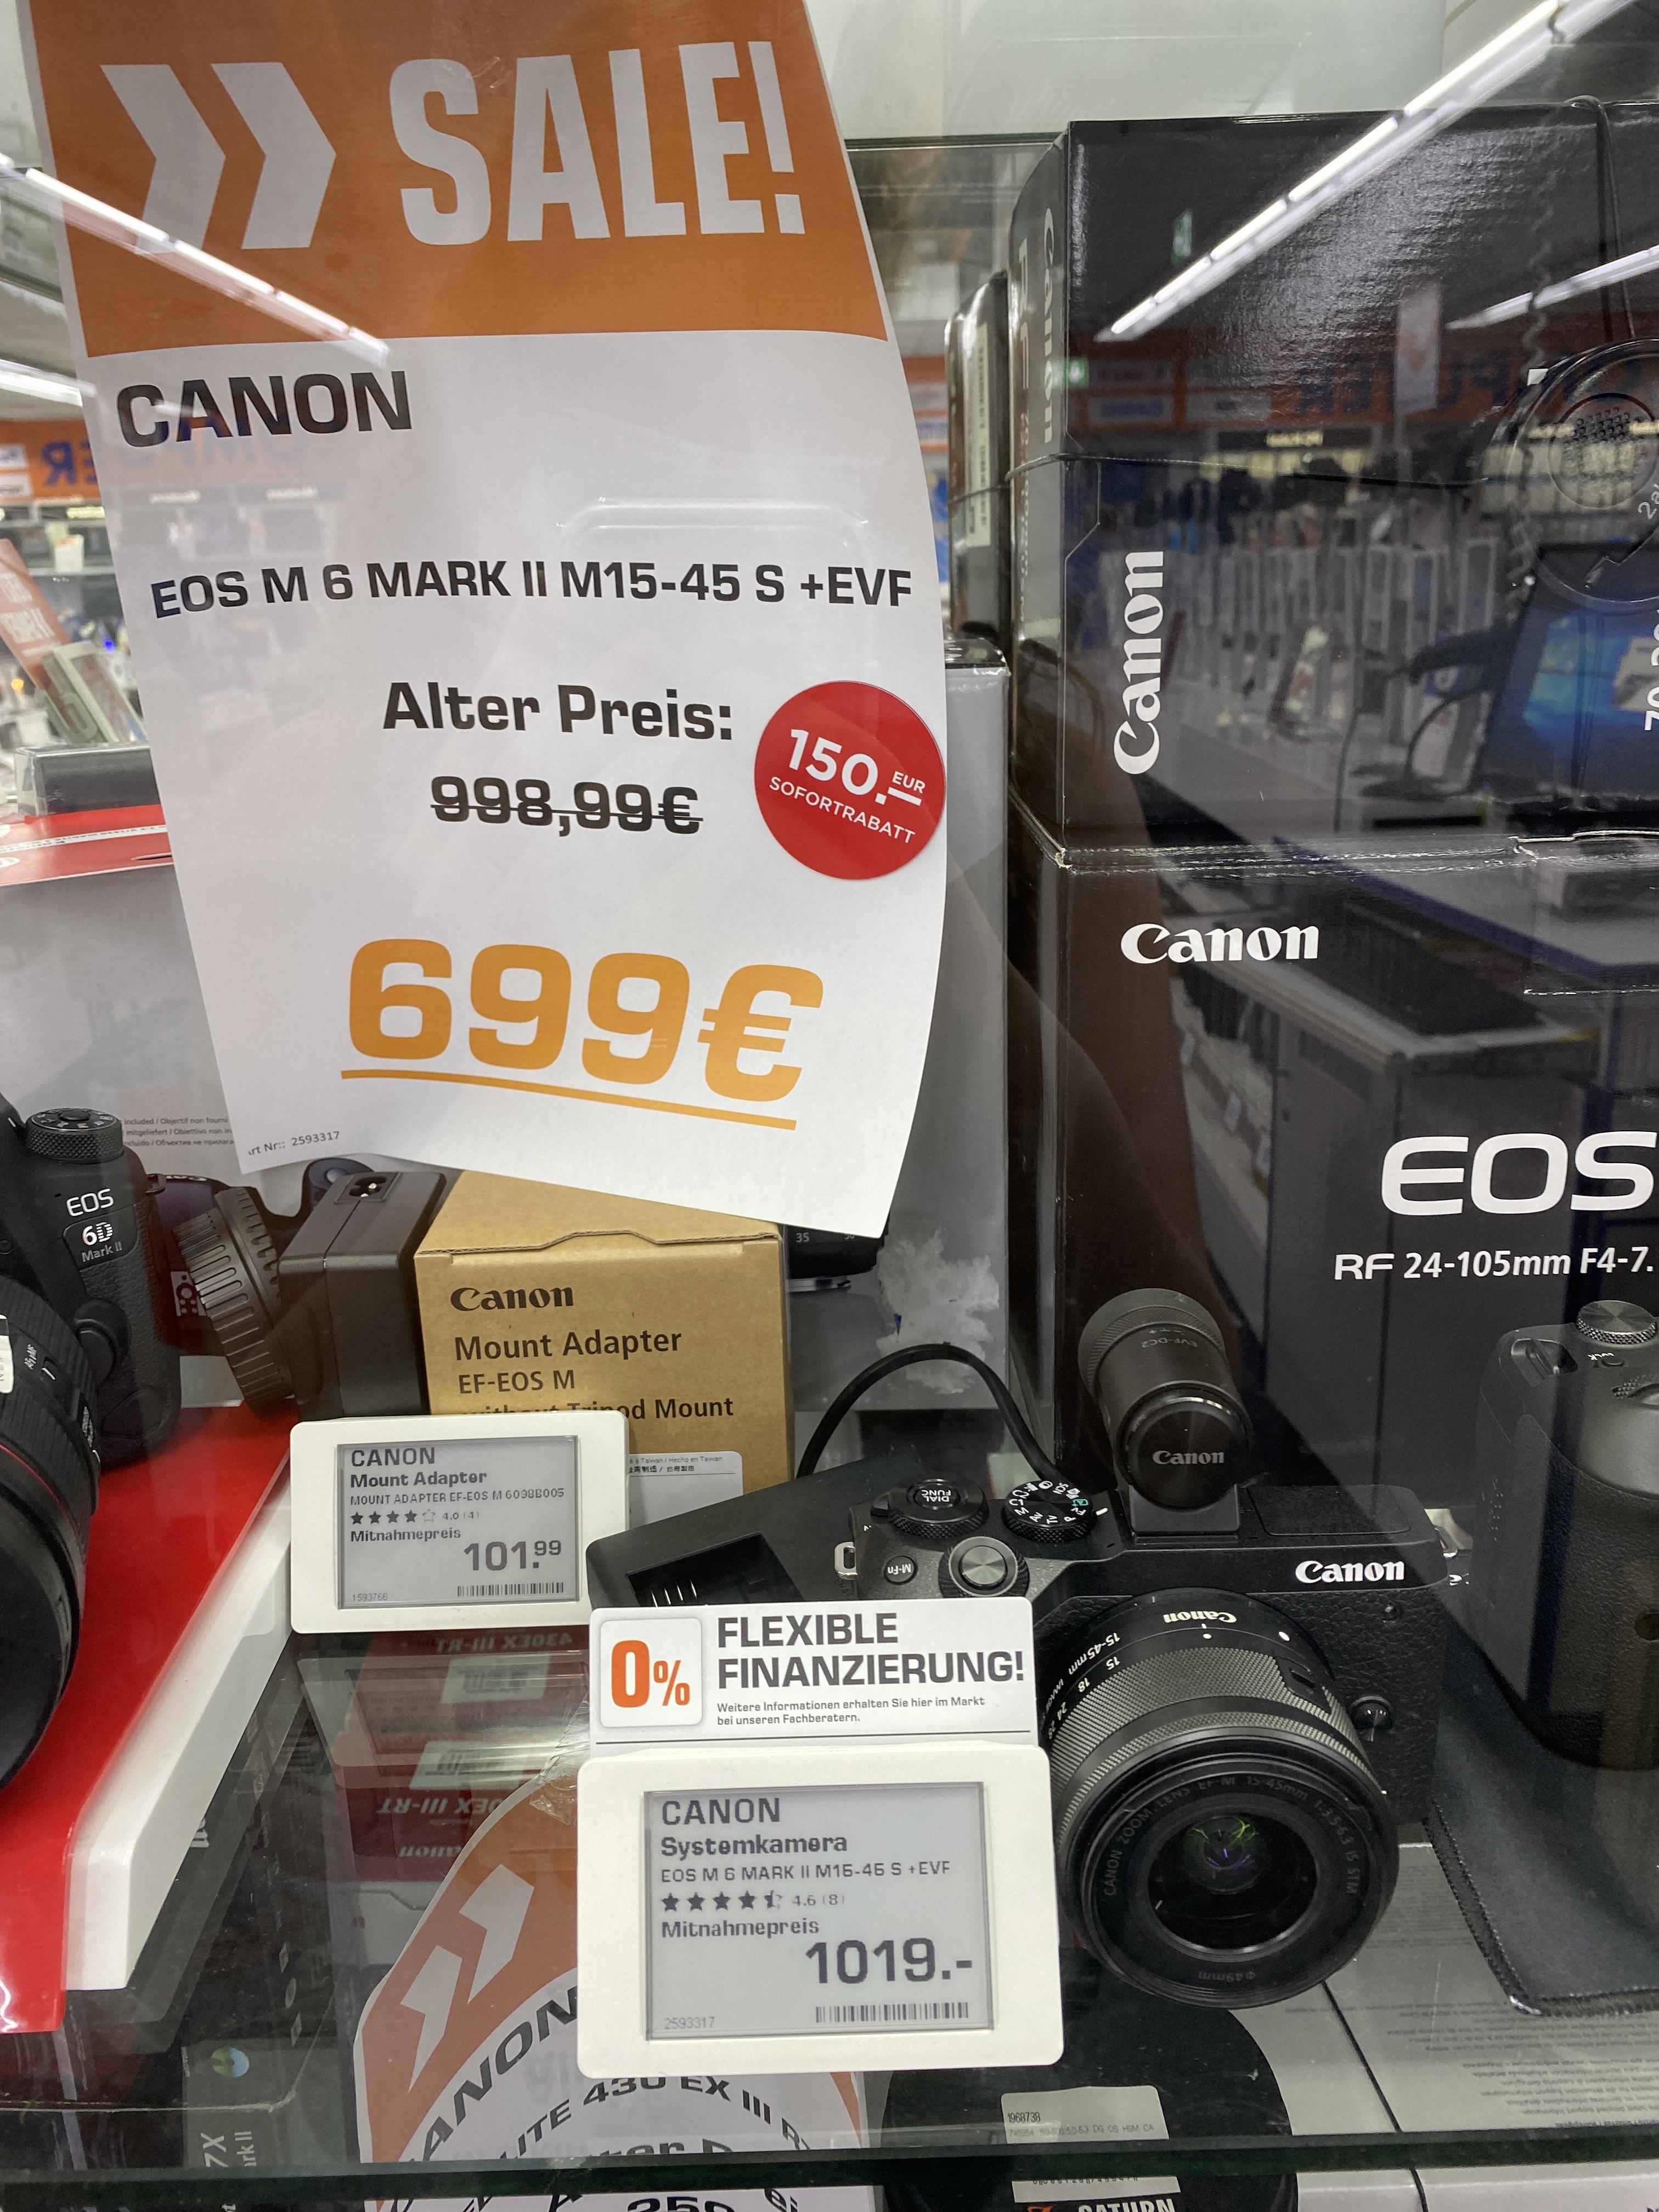 Canon M6 Mark II M15-45